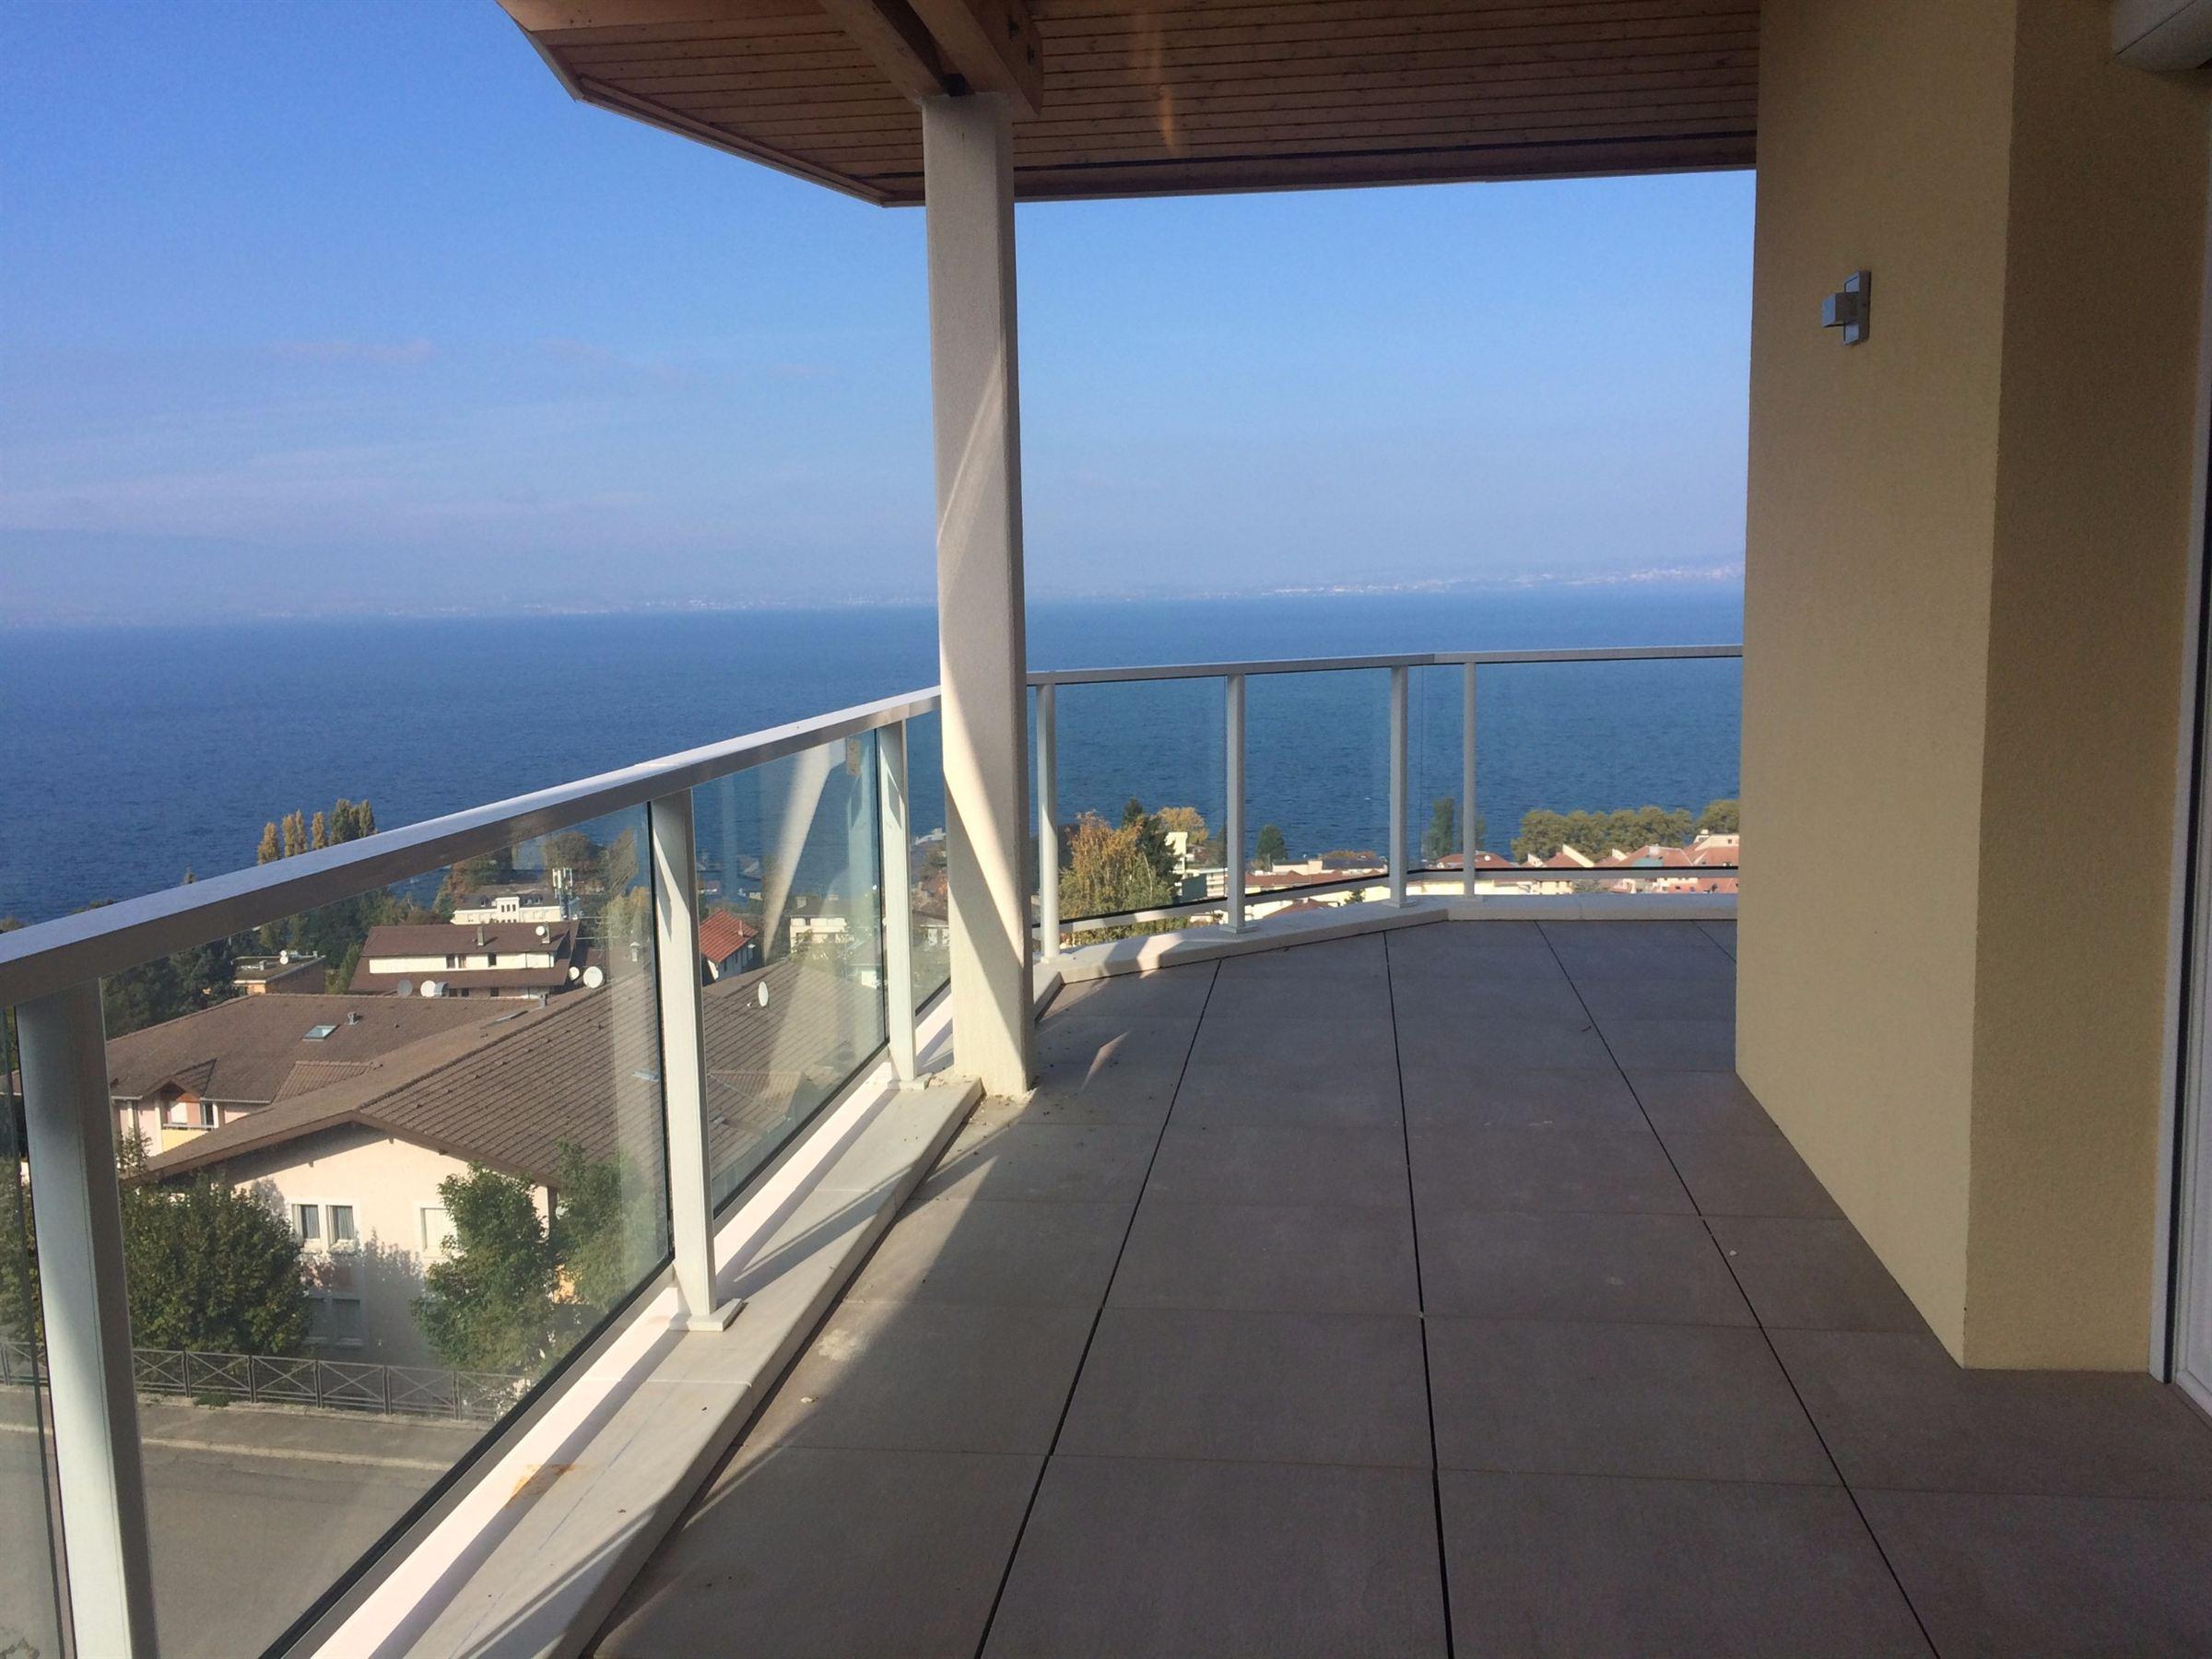 Apartamento por un Venta en EVIAN, NEW FLAT LAKE VIEW Evian Les Bains, Ródano-Alpes, 74500 Francia